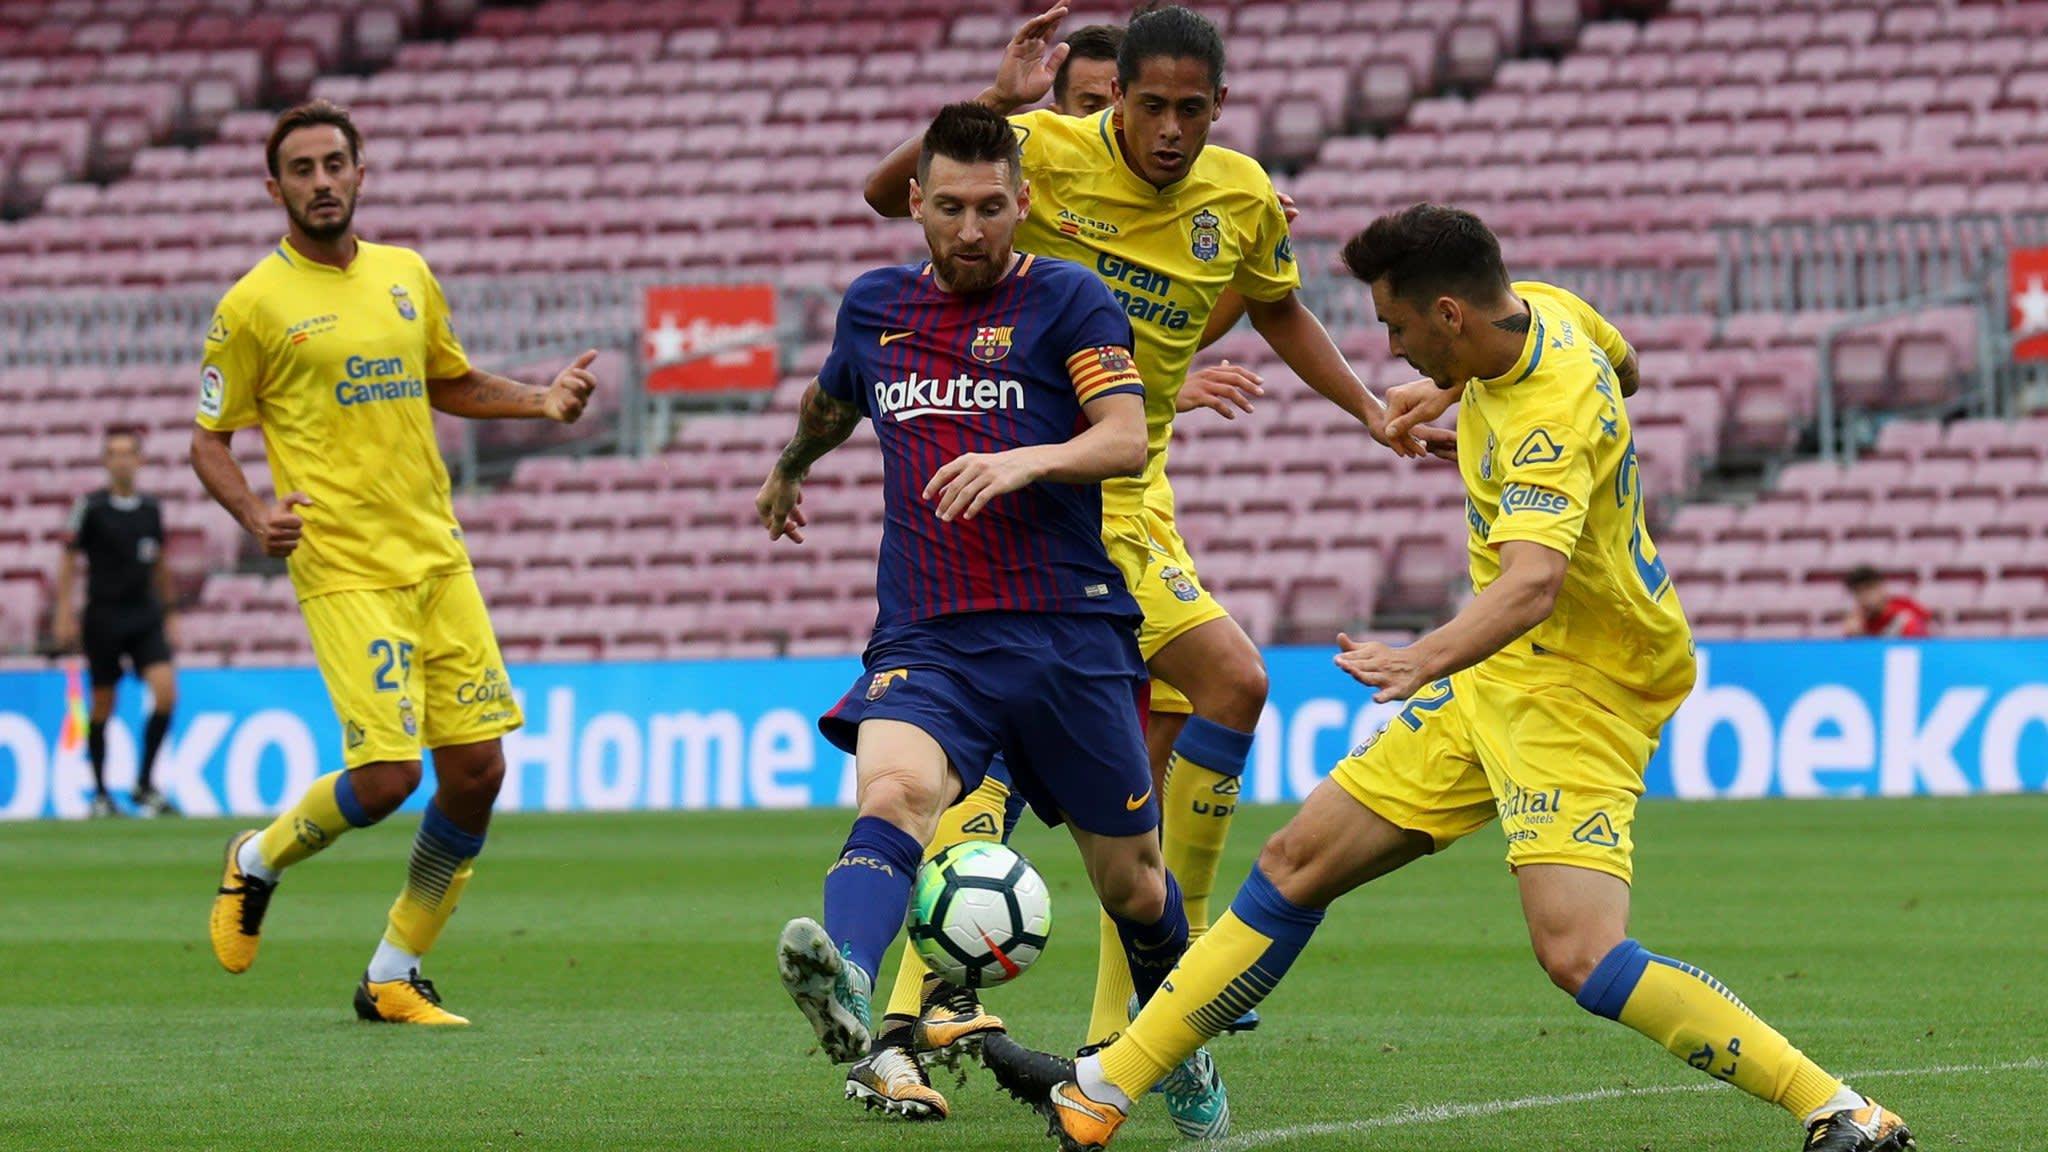 Facebook scores La Liga broadcast rights in India